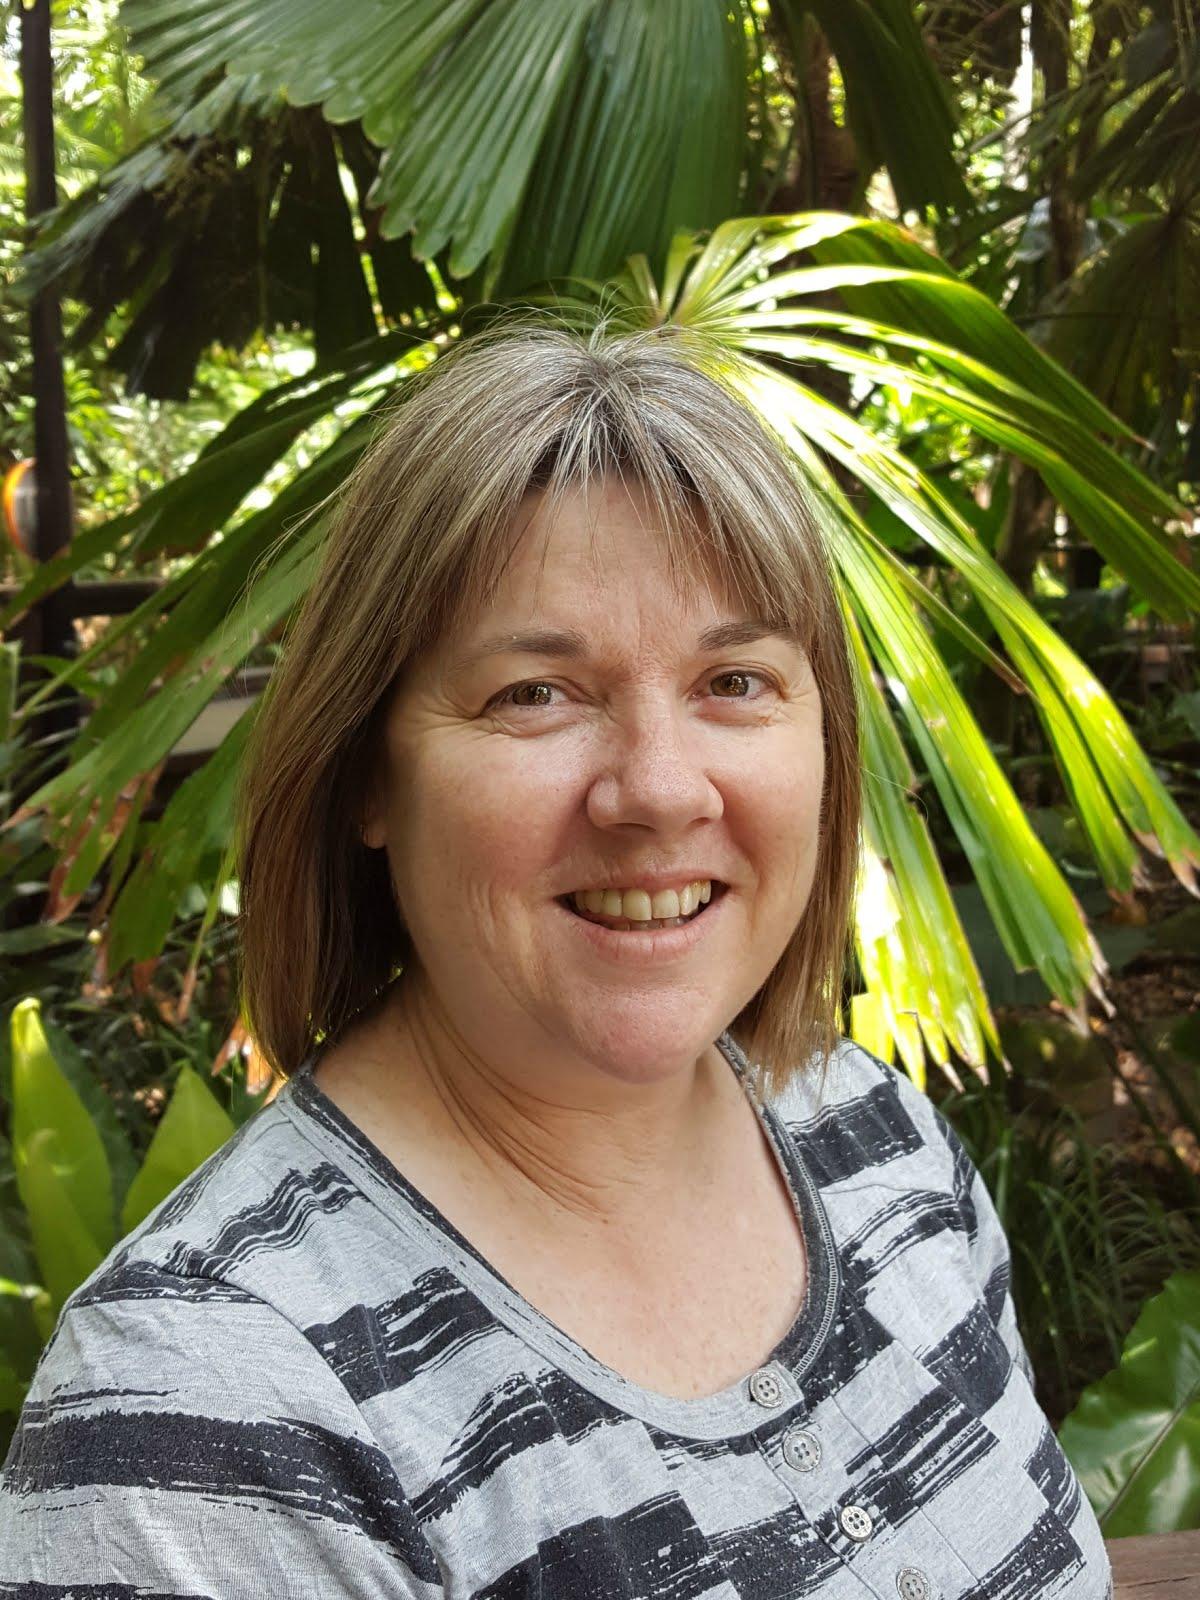 Paula Dobson